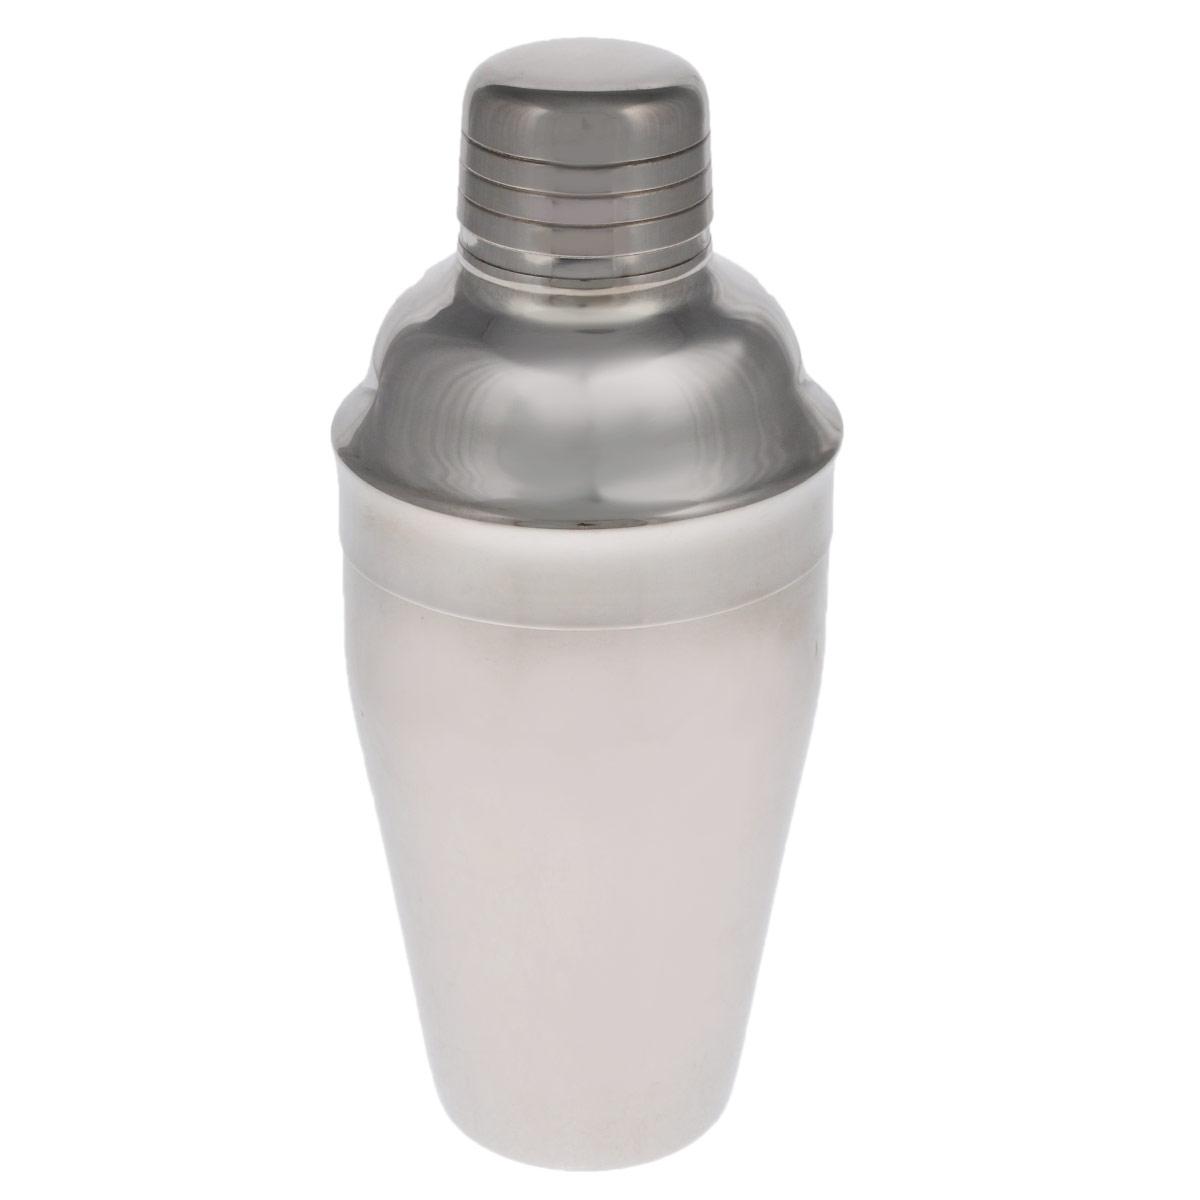 Шейкер Tescoma Presto, 500 мл. 420712420712Шейкер Tescoma Presto, изготовленный из нержавеющей стали с зеркальной полировкой, идеален для приготовления смешанных напитков, пригоден для домашнего и профессионального использования. Шейкер снабжен практичным ситом для процеживания напитков.Можно мыть в посудомоечной машине.Диаметр шейкера (по верхнему краю): 3,8 см. Высота шейкера: 20 см.